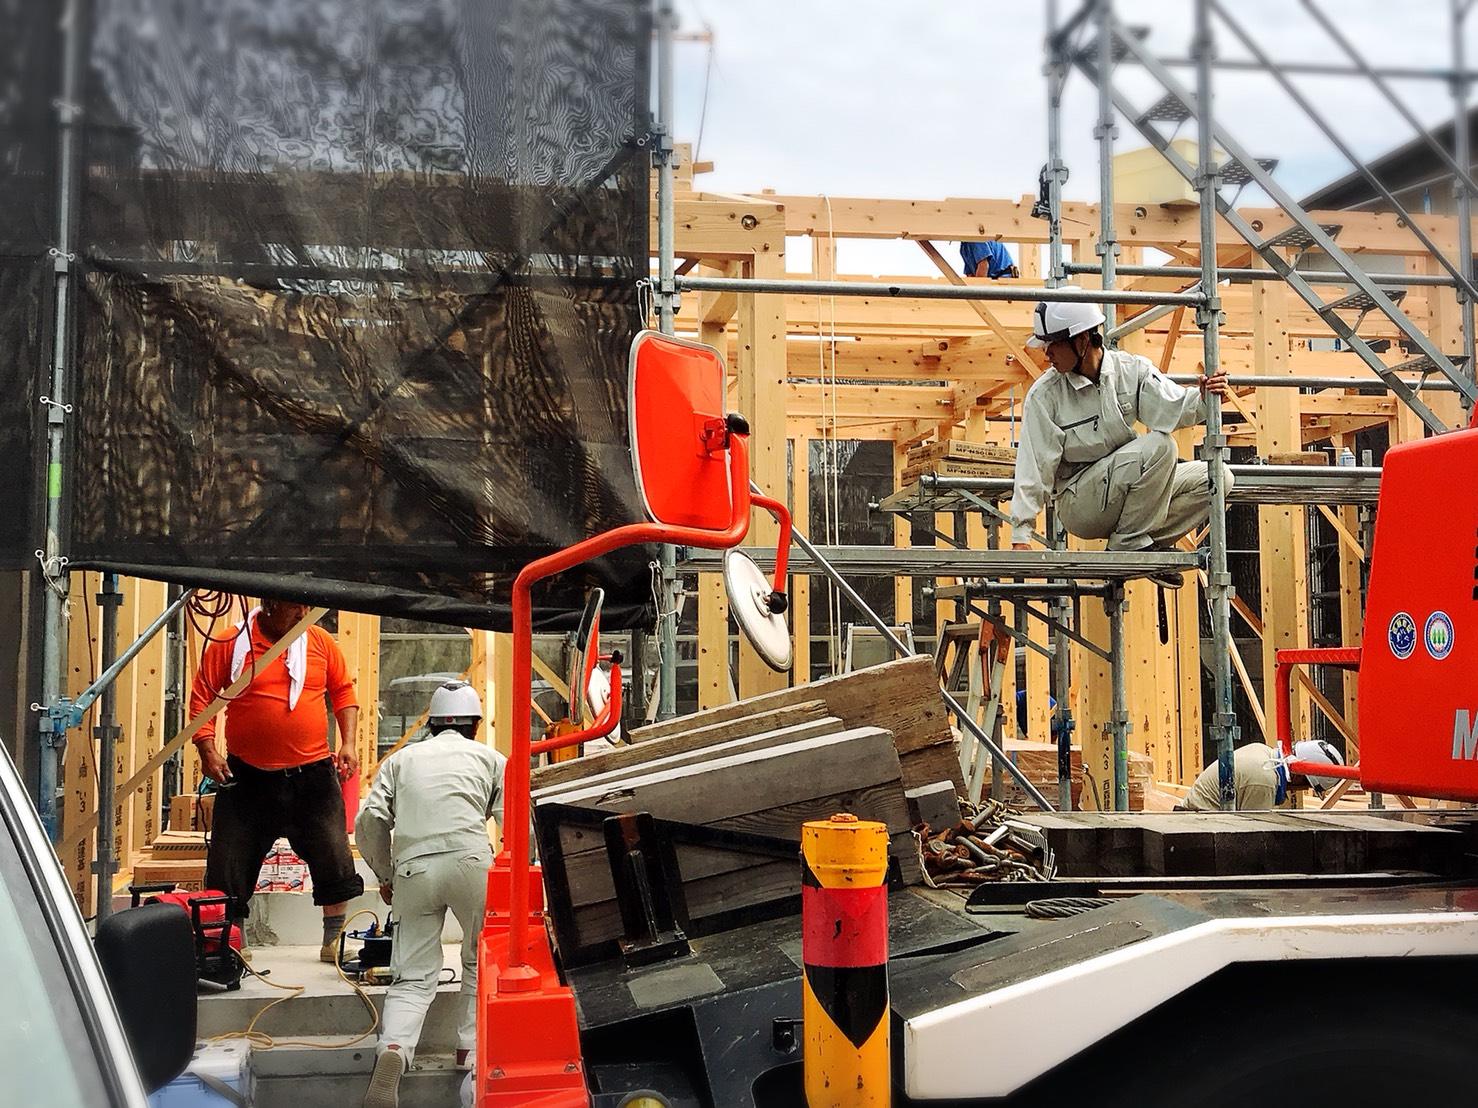 【現場管理】工務(現場管理)の経験6カ月以上◆住宅建築の工務及び現場監督◆私たちは、「高知県民になくてはならない企業になる」ことを目指しています。